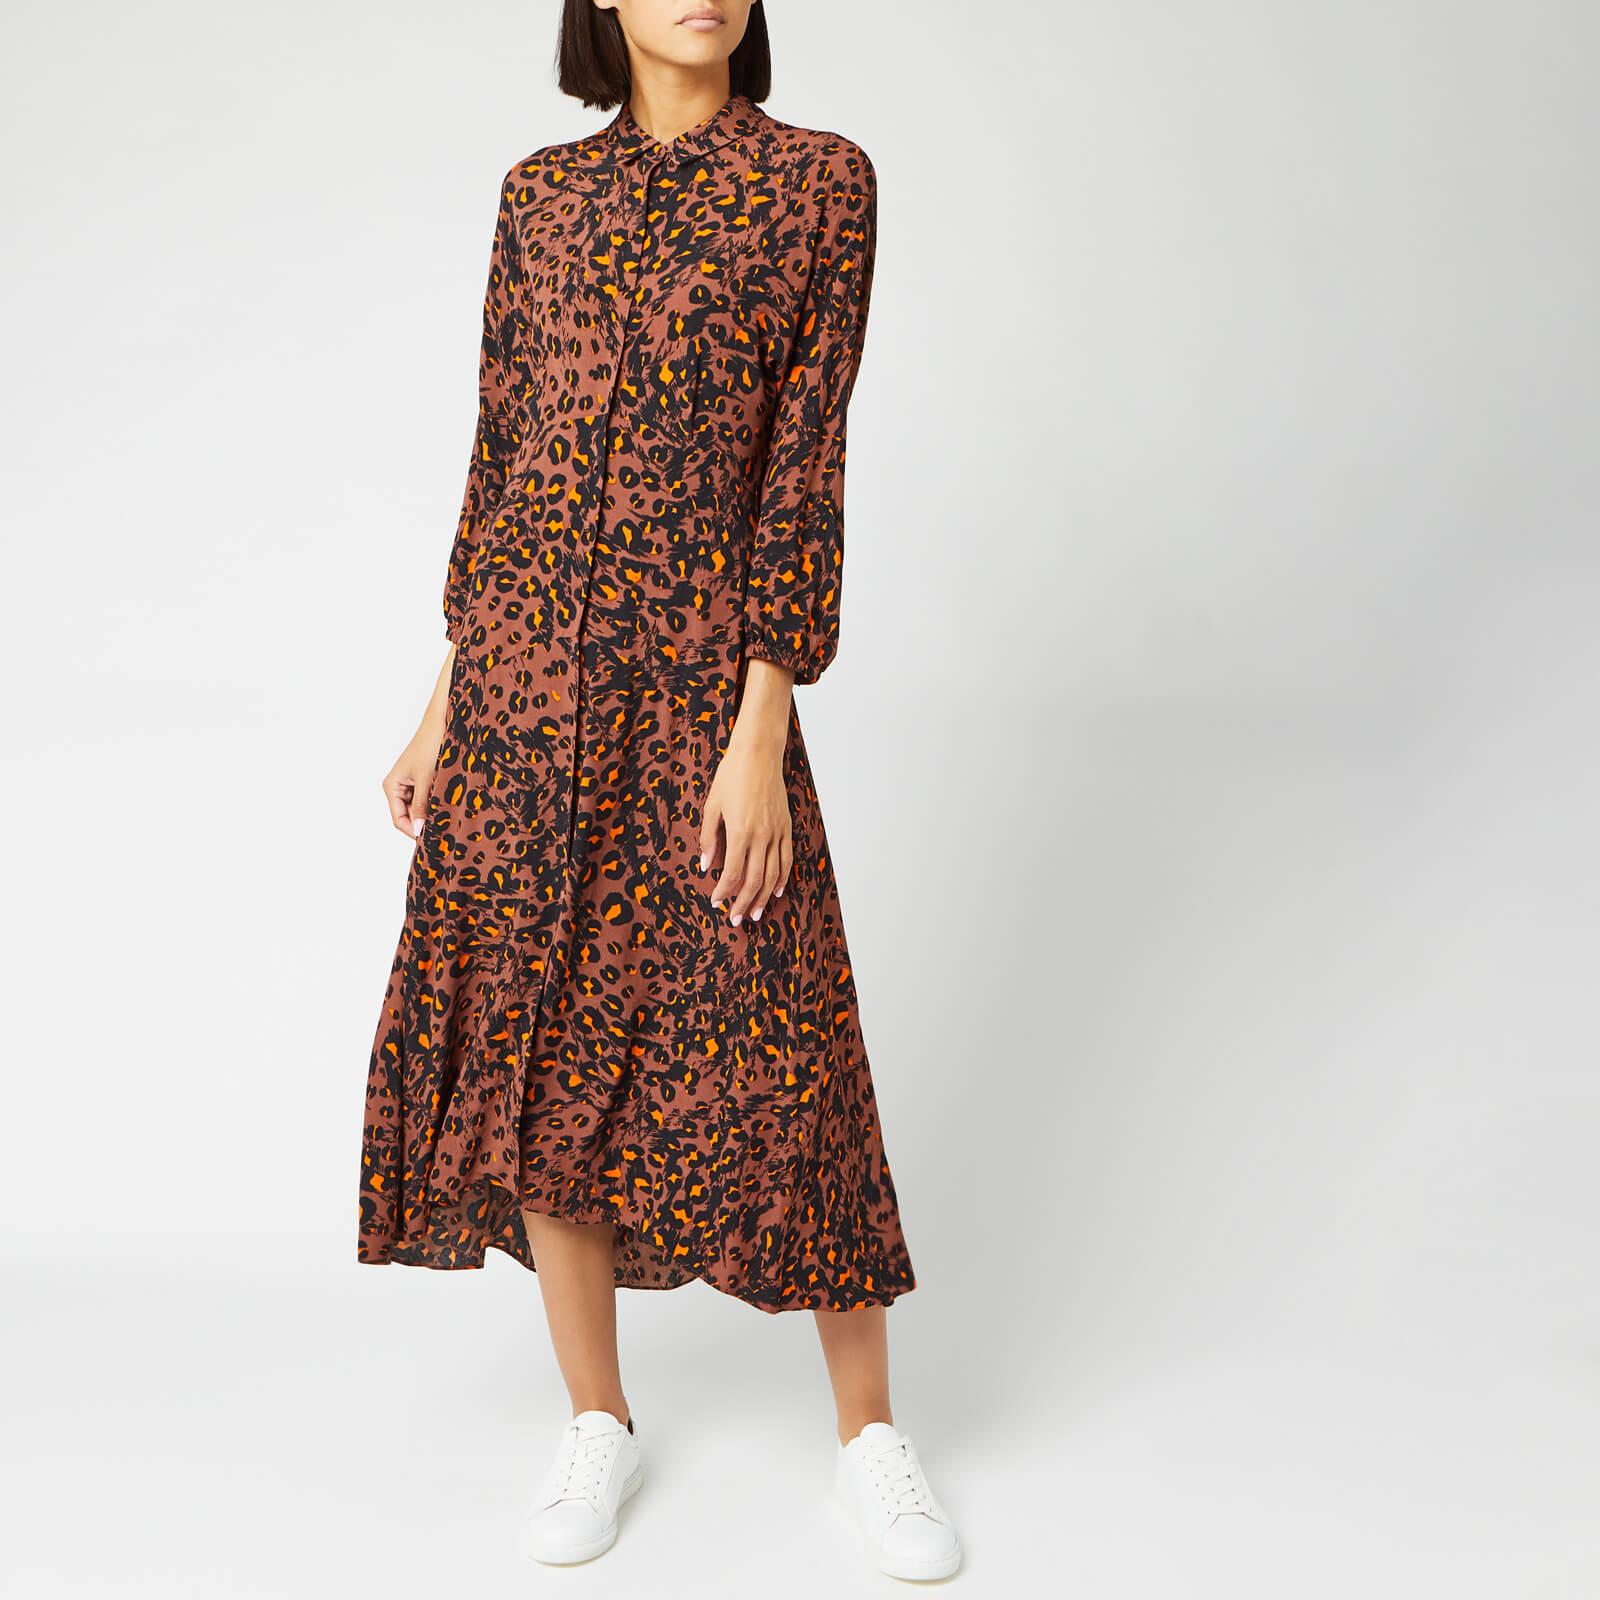 Whistles Women's Amara Brushed Leopard Shirt Dress - Brown/Multi - UK 6 - Brown